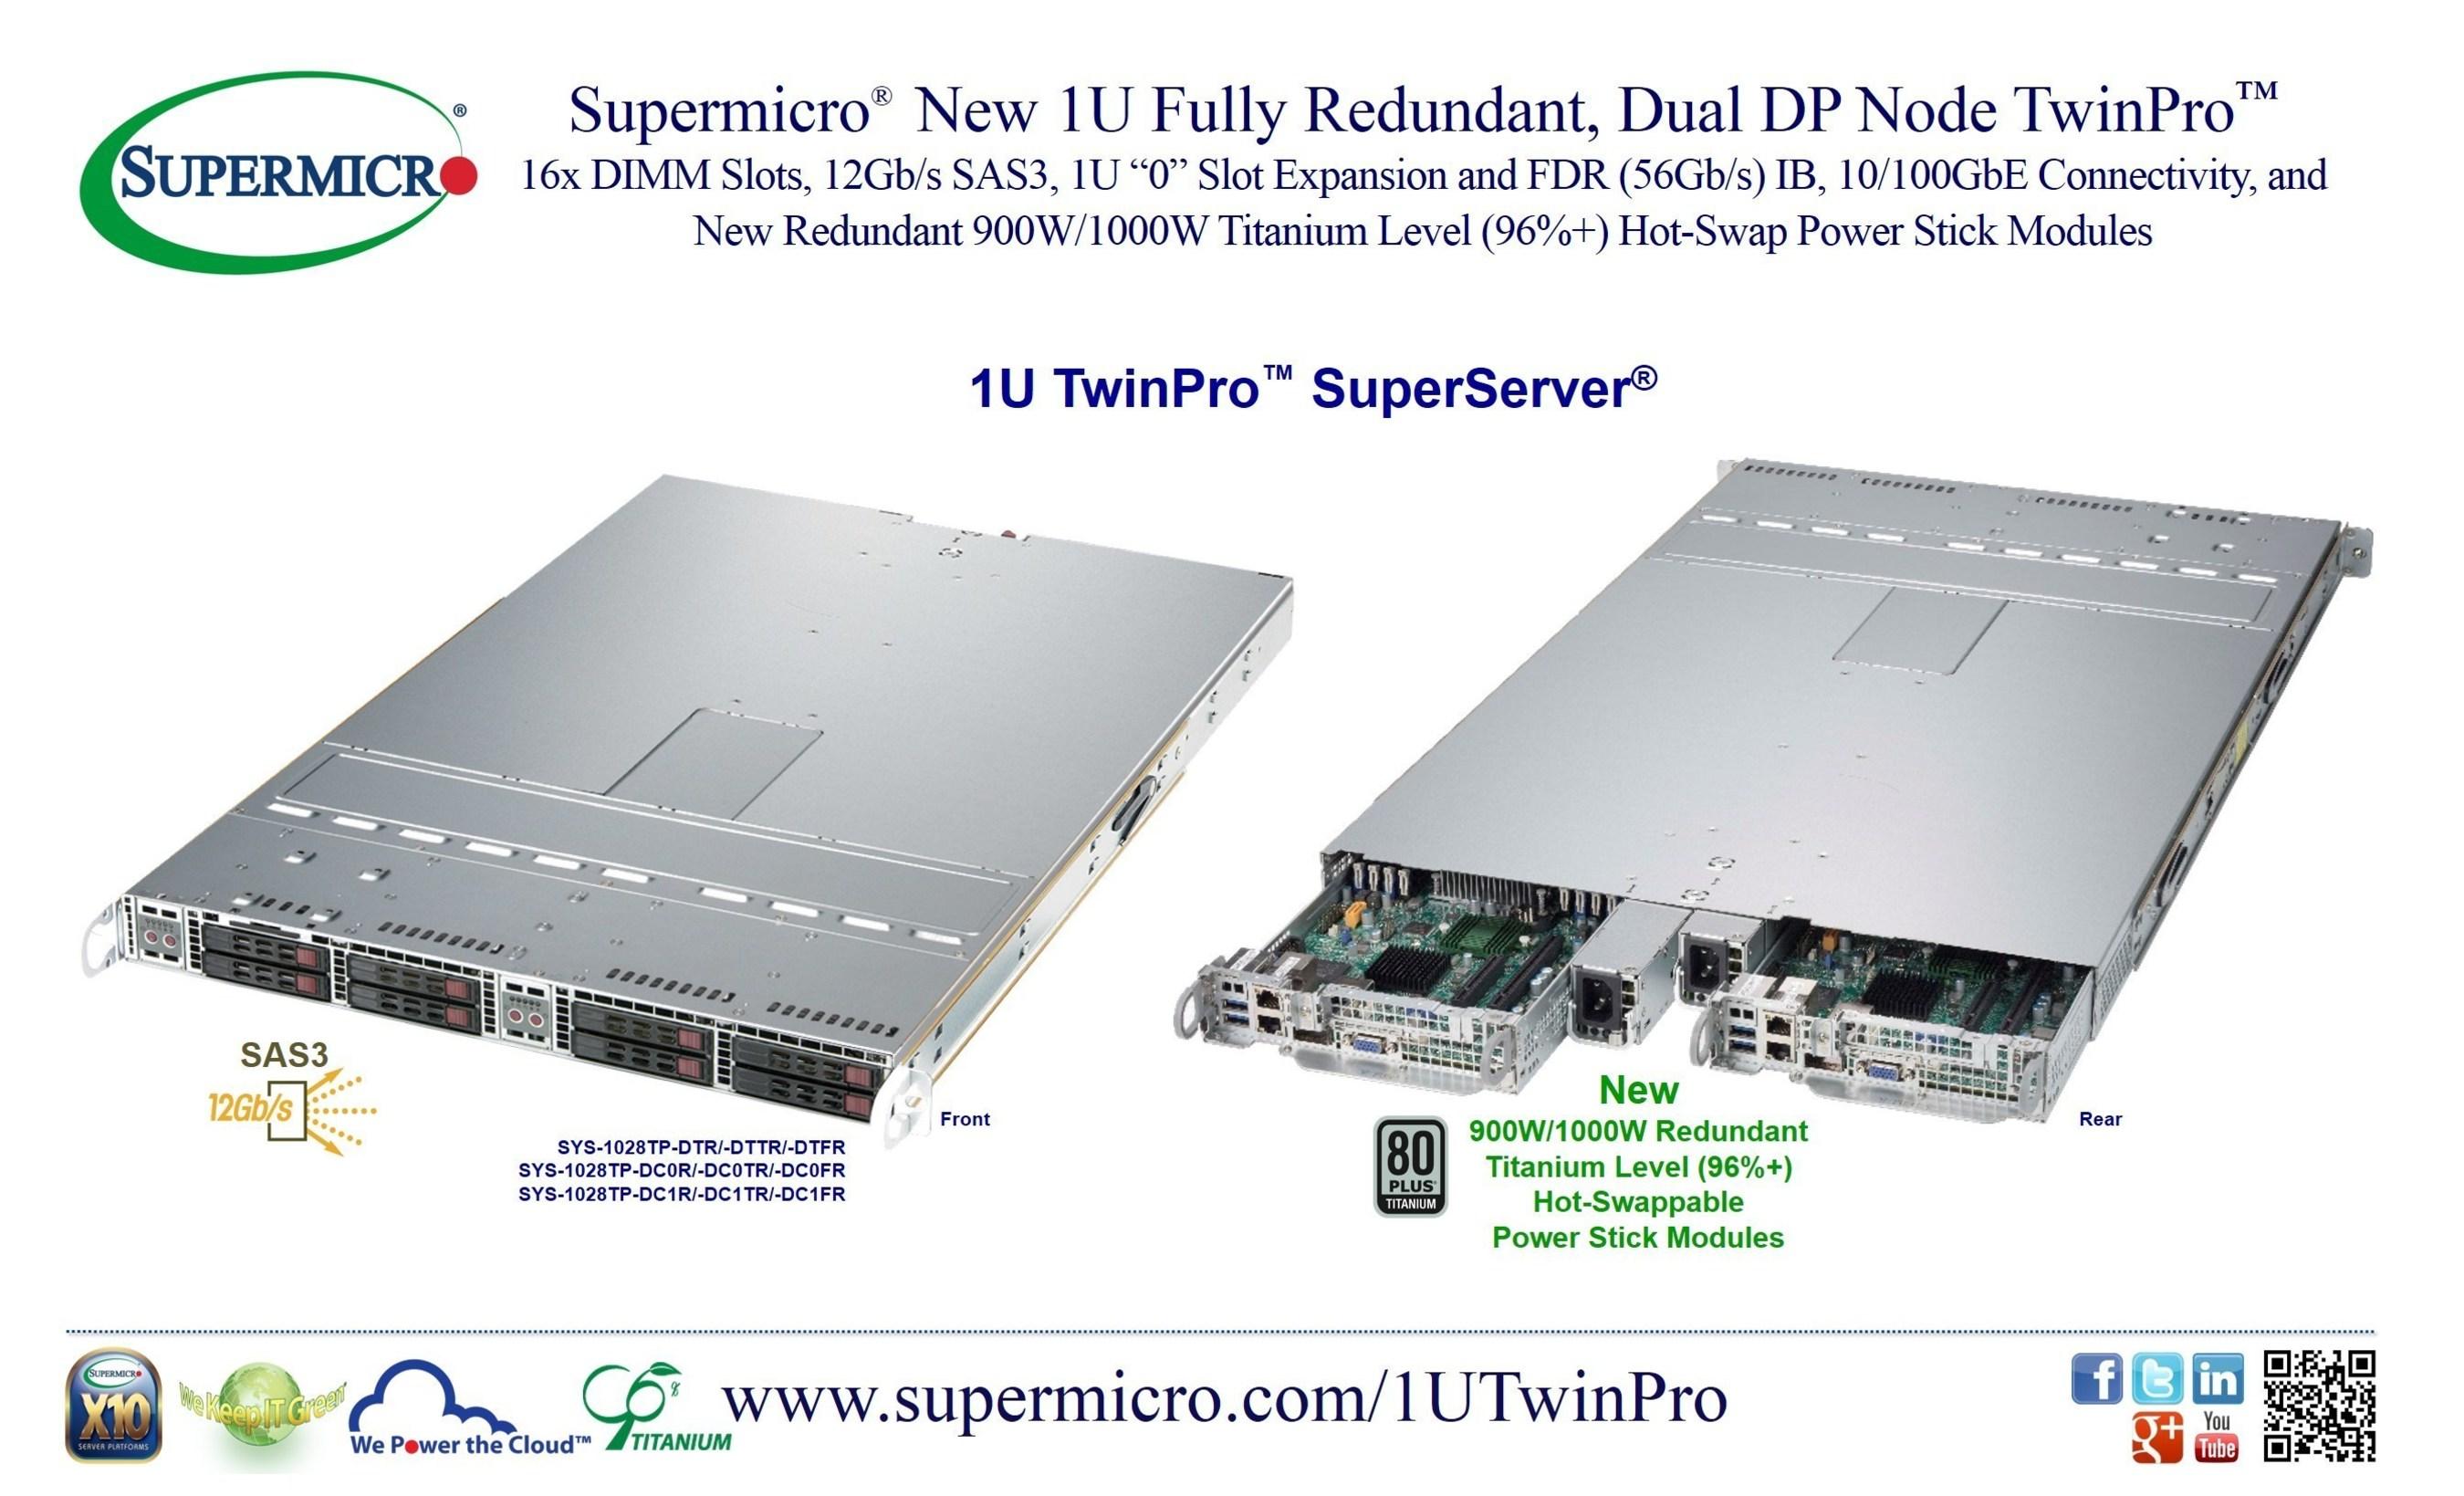 Supermicro® lancia il nuovo SuperServer® 1U TwinPro™ totalmente ridondante, Dual DP Node